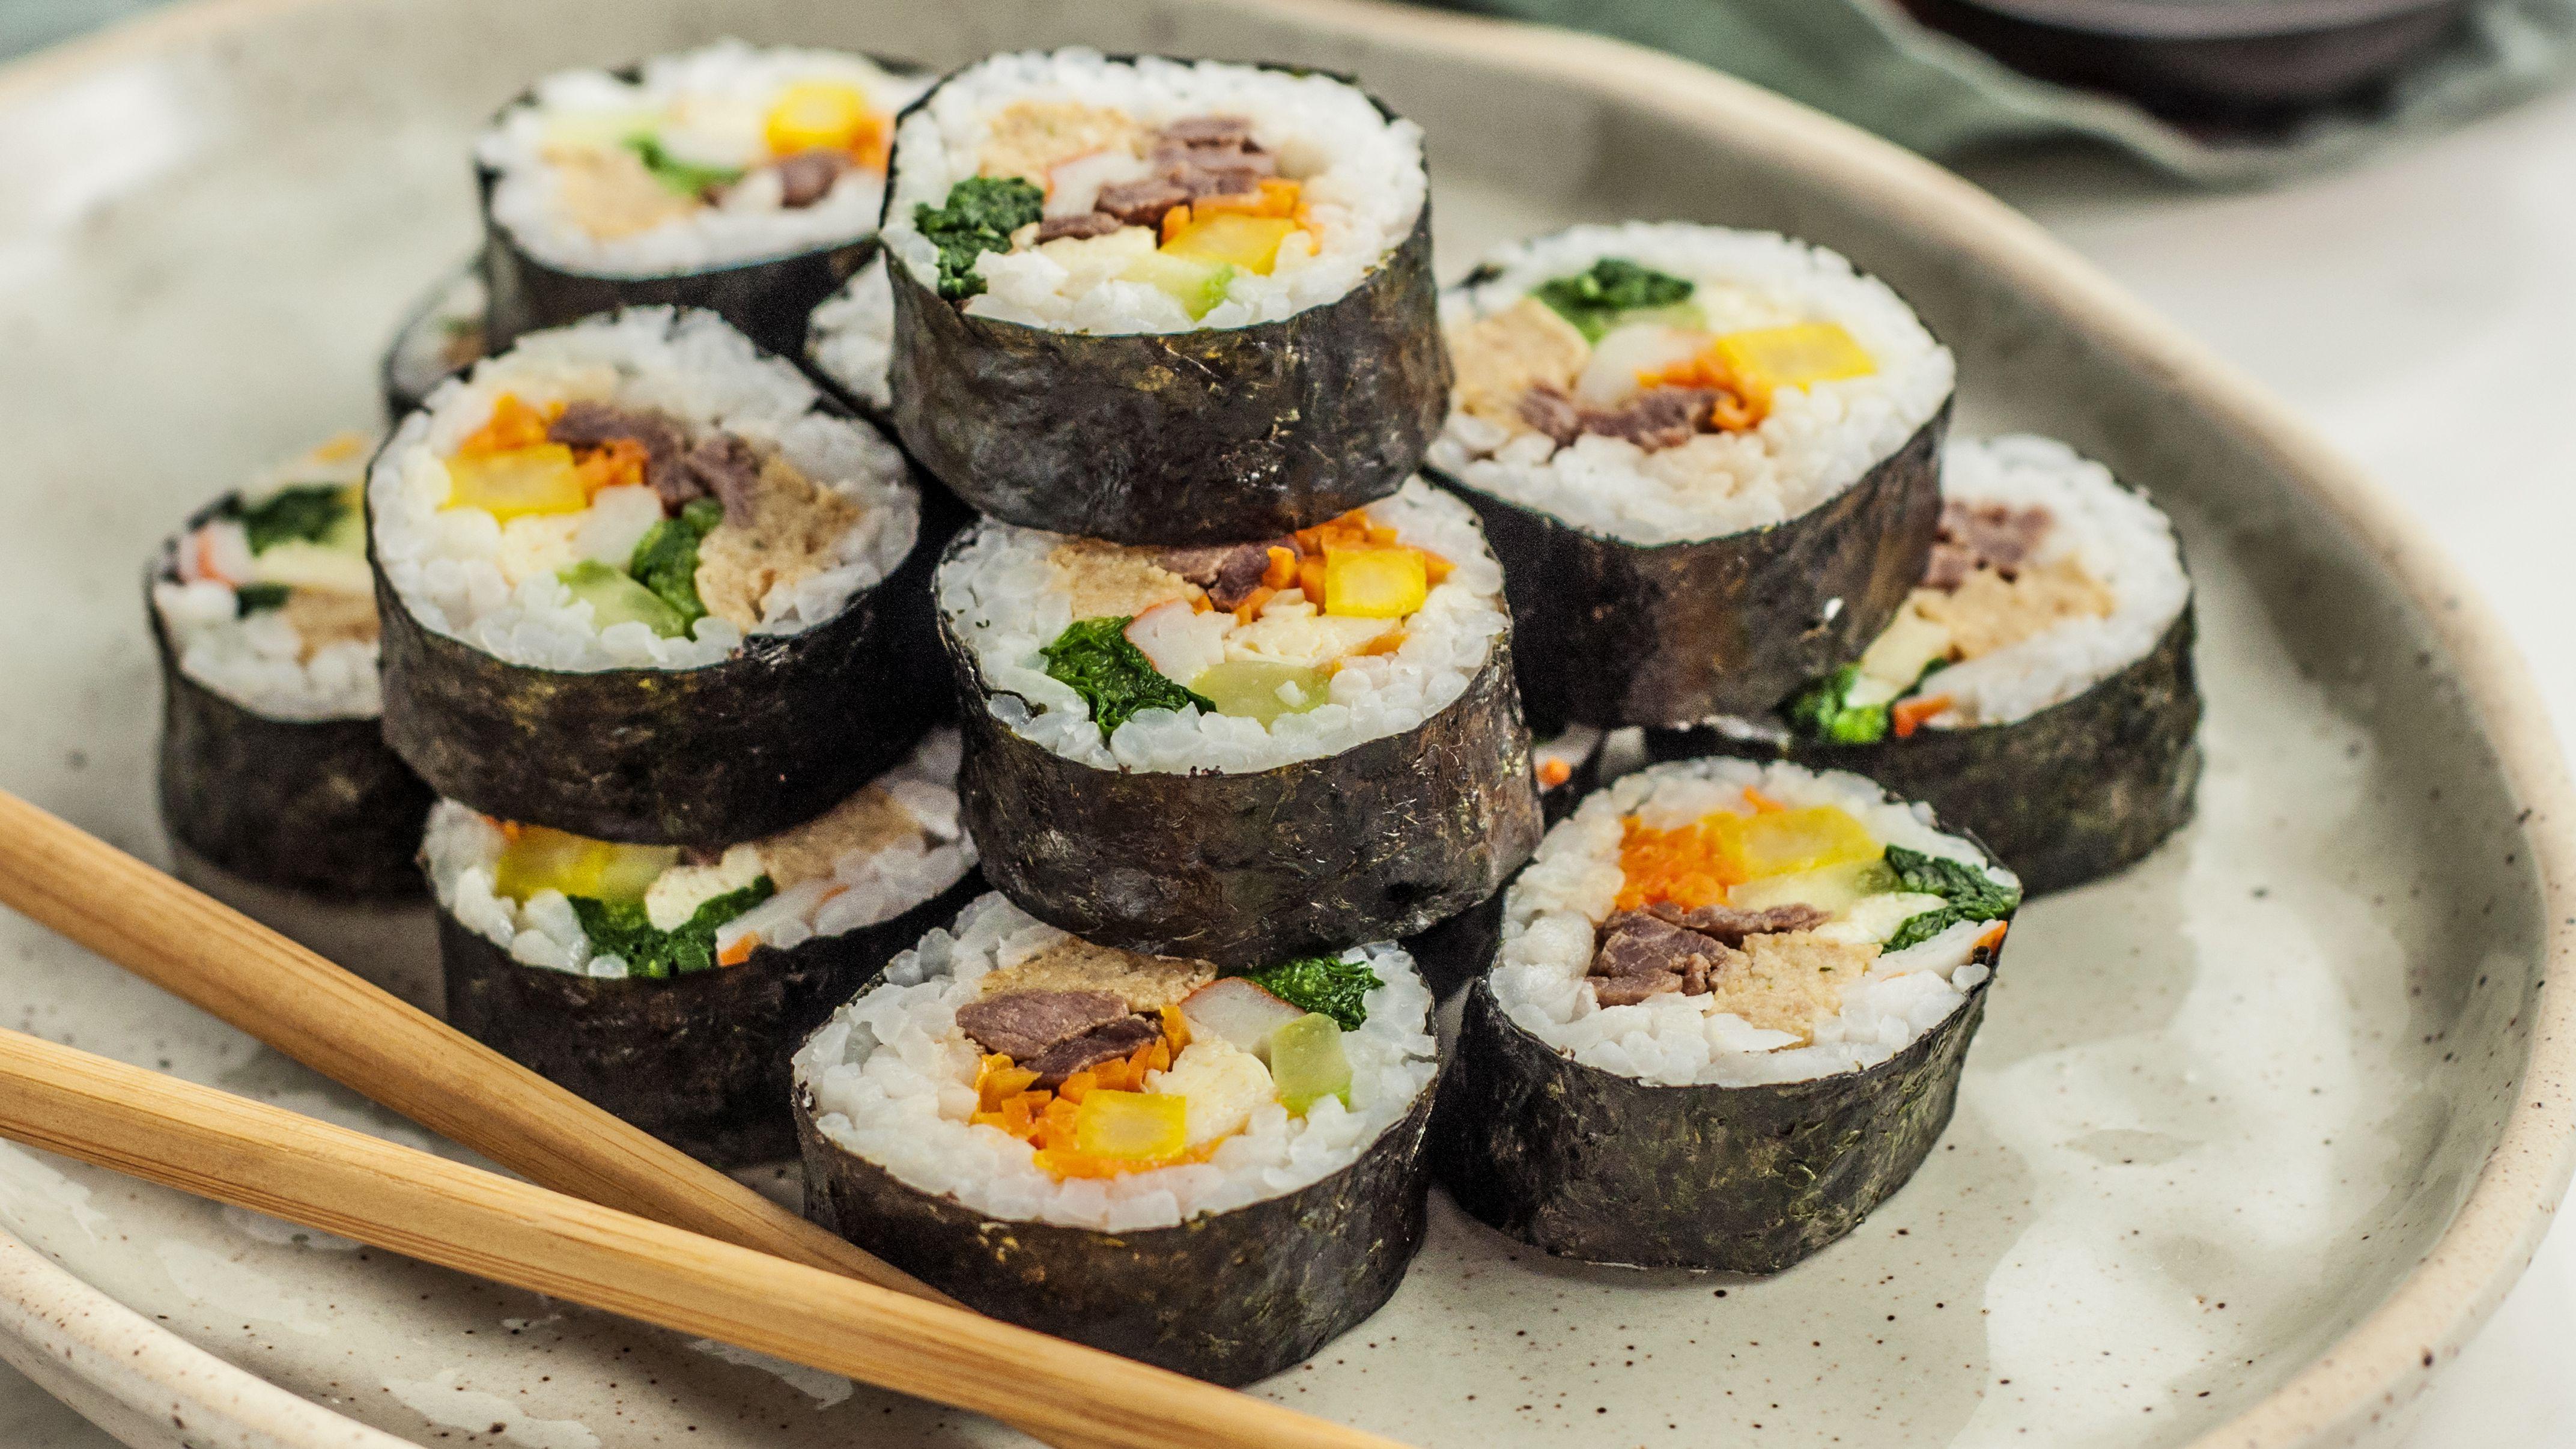 kimbap-korean-sushi-rolls-2118795-Hero-5b7dbdd346e0fb00250718b8.jpg